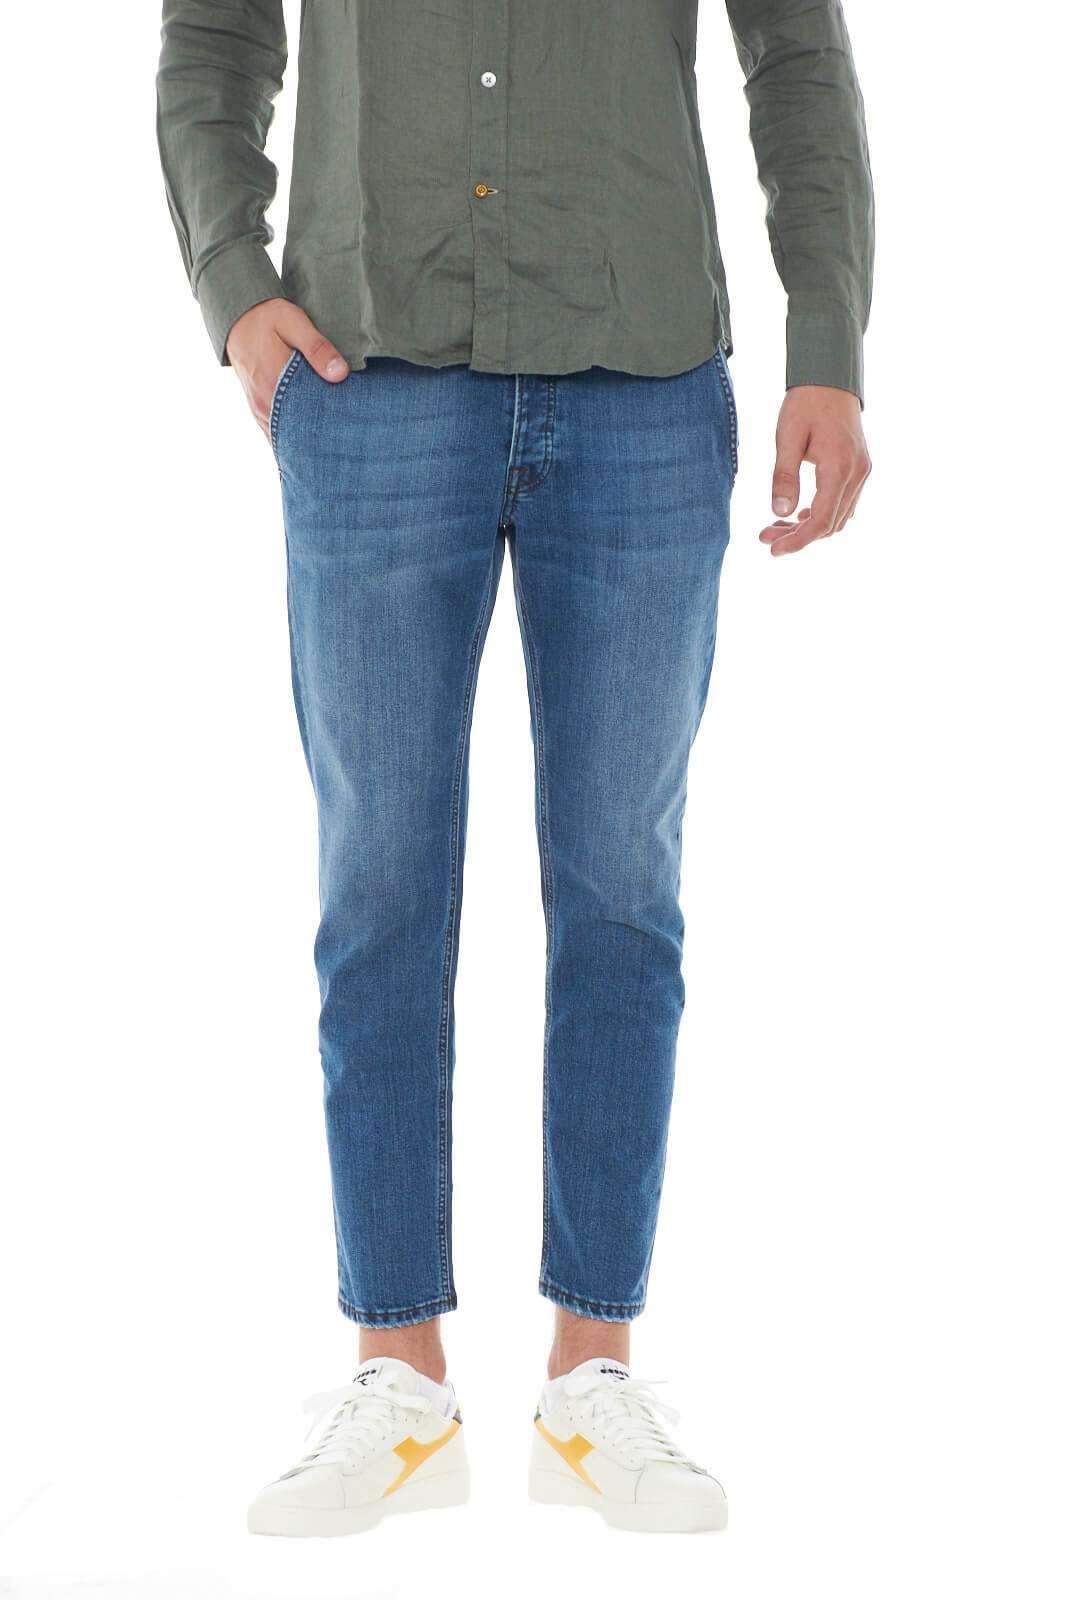 Un jeans semplice e alla moda, il modello JONATHAN 1166 della linea MC DENIMERIE. Perfetto per la routine, il tempo libero, e le uscite serali con gli amici. La vestibilità slim poi, renderà giovanile ogni outfit, per un aspetto sempre sul pezzo.